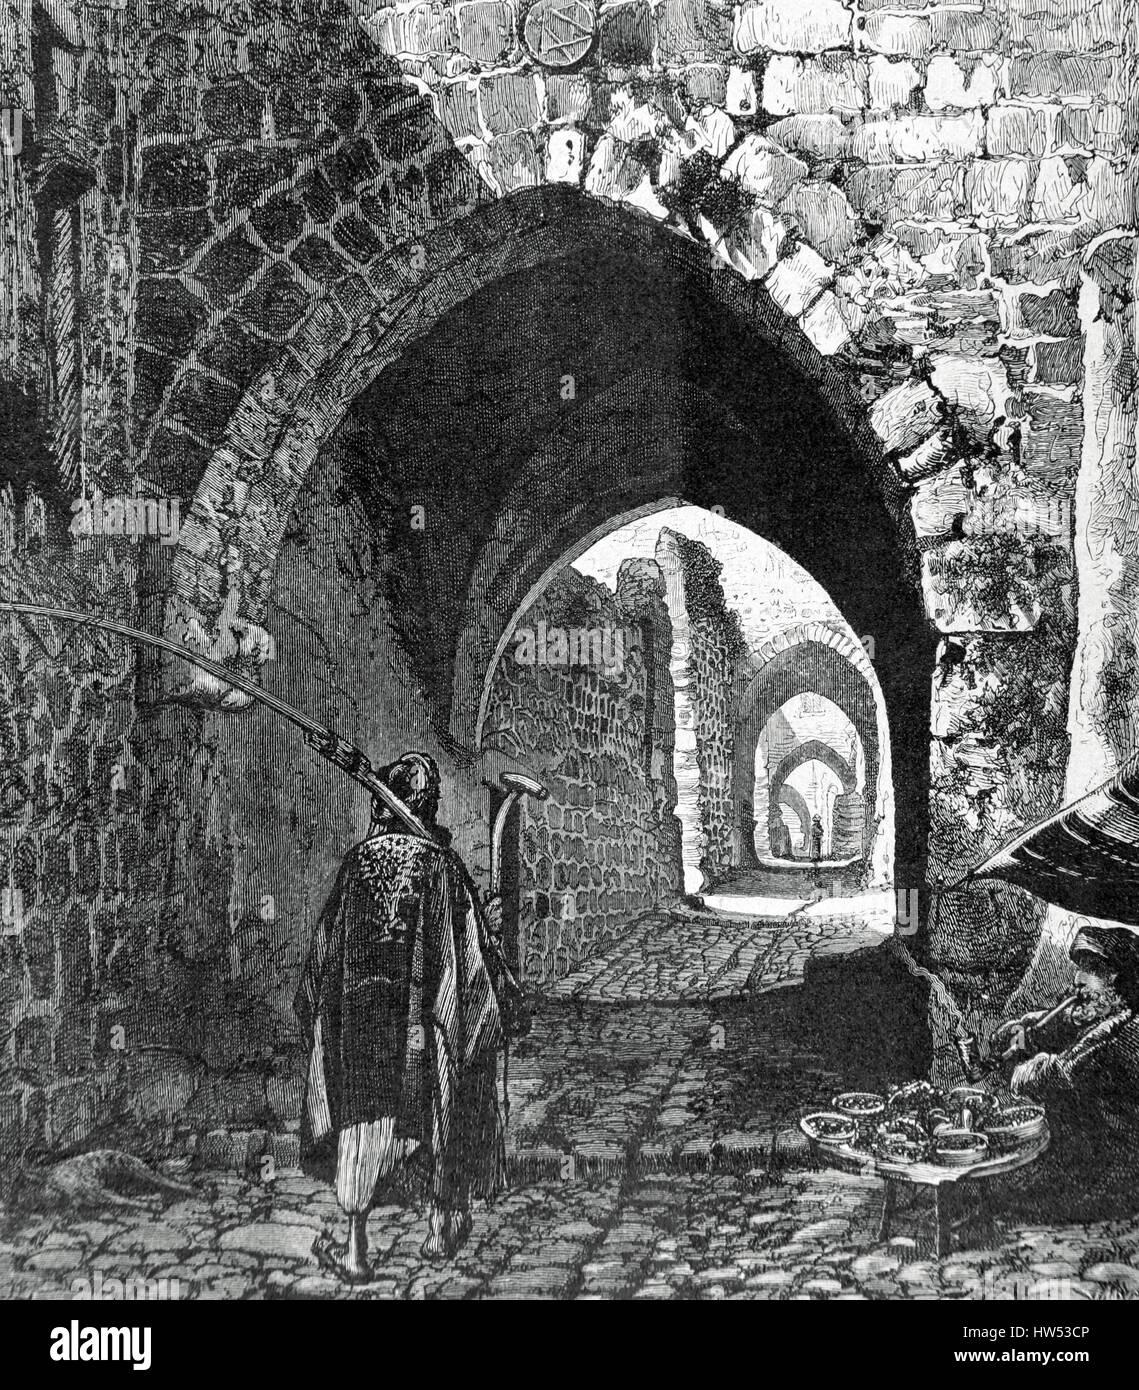 Israel. Jerusalem. Die Via Dolorosa. Straße in der Altstadt, wo angenommen wird, dass Jesus auf dem Weg zu Stockbild